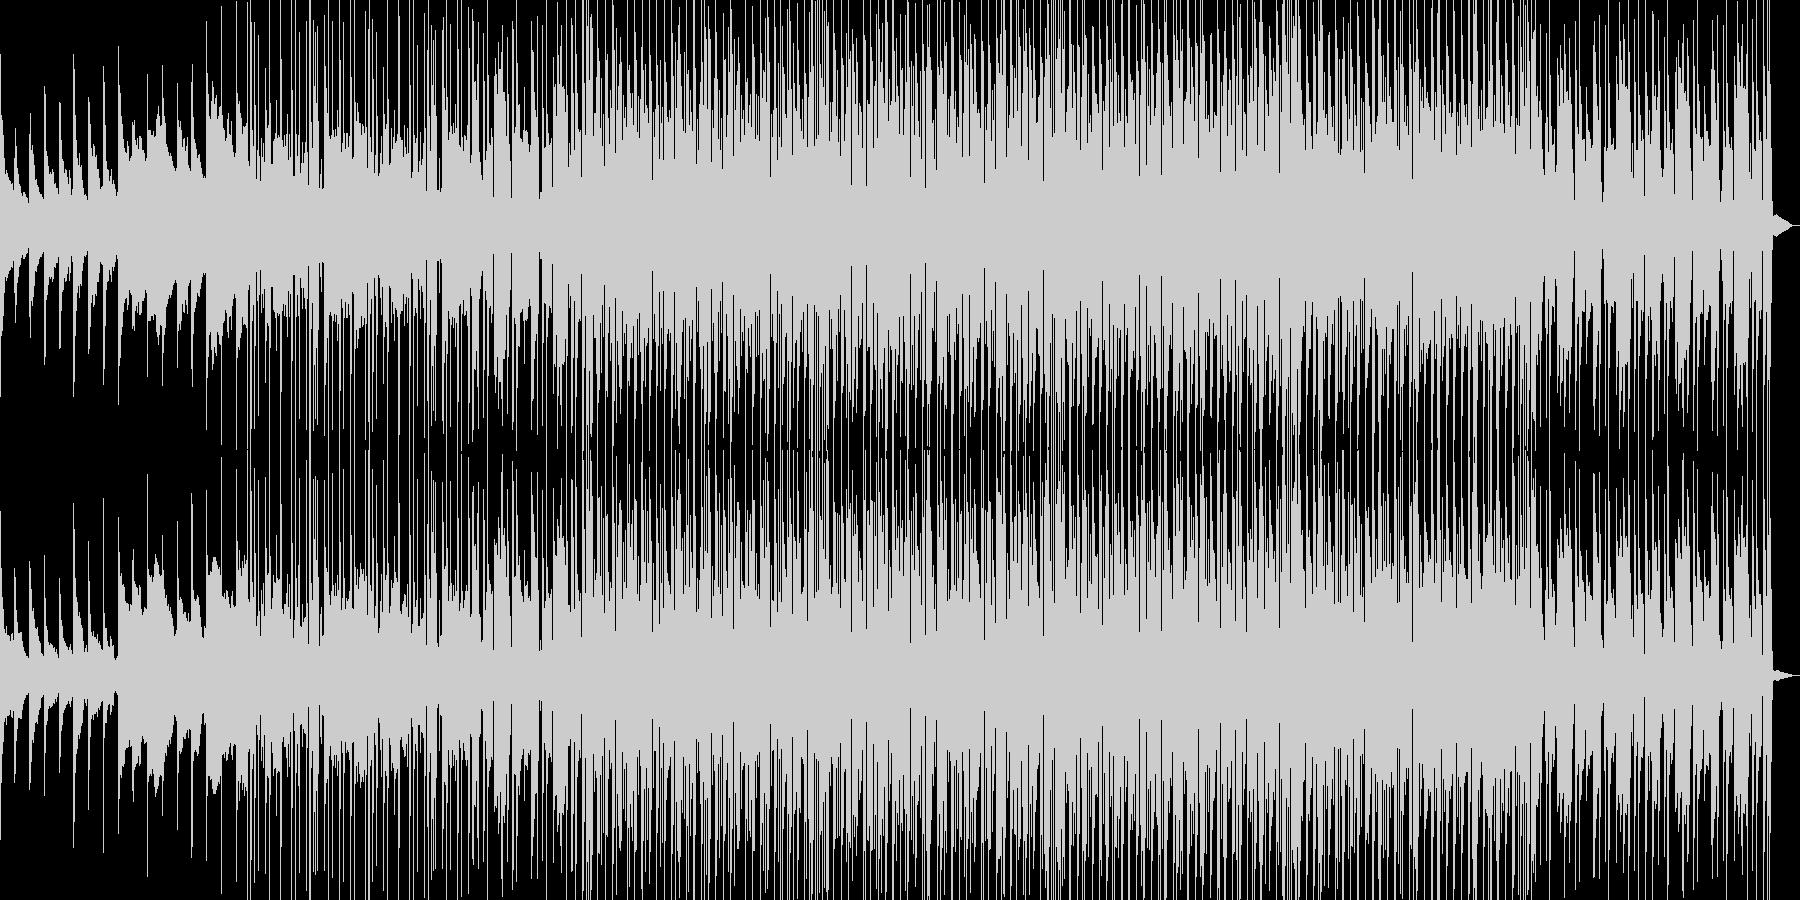 5thコードのピアノが印象的なBGMの未再生の波形